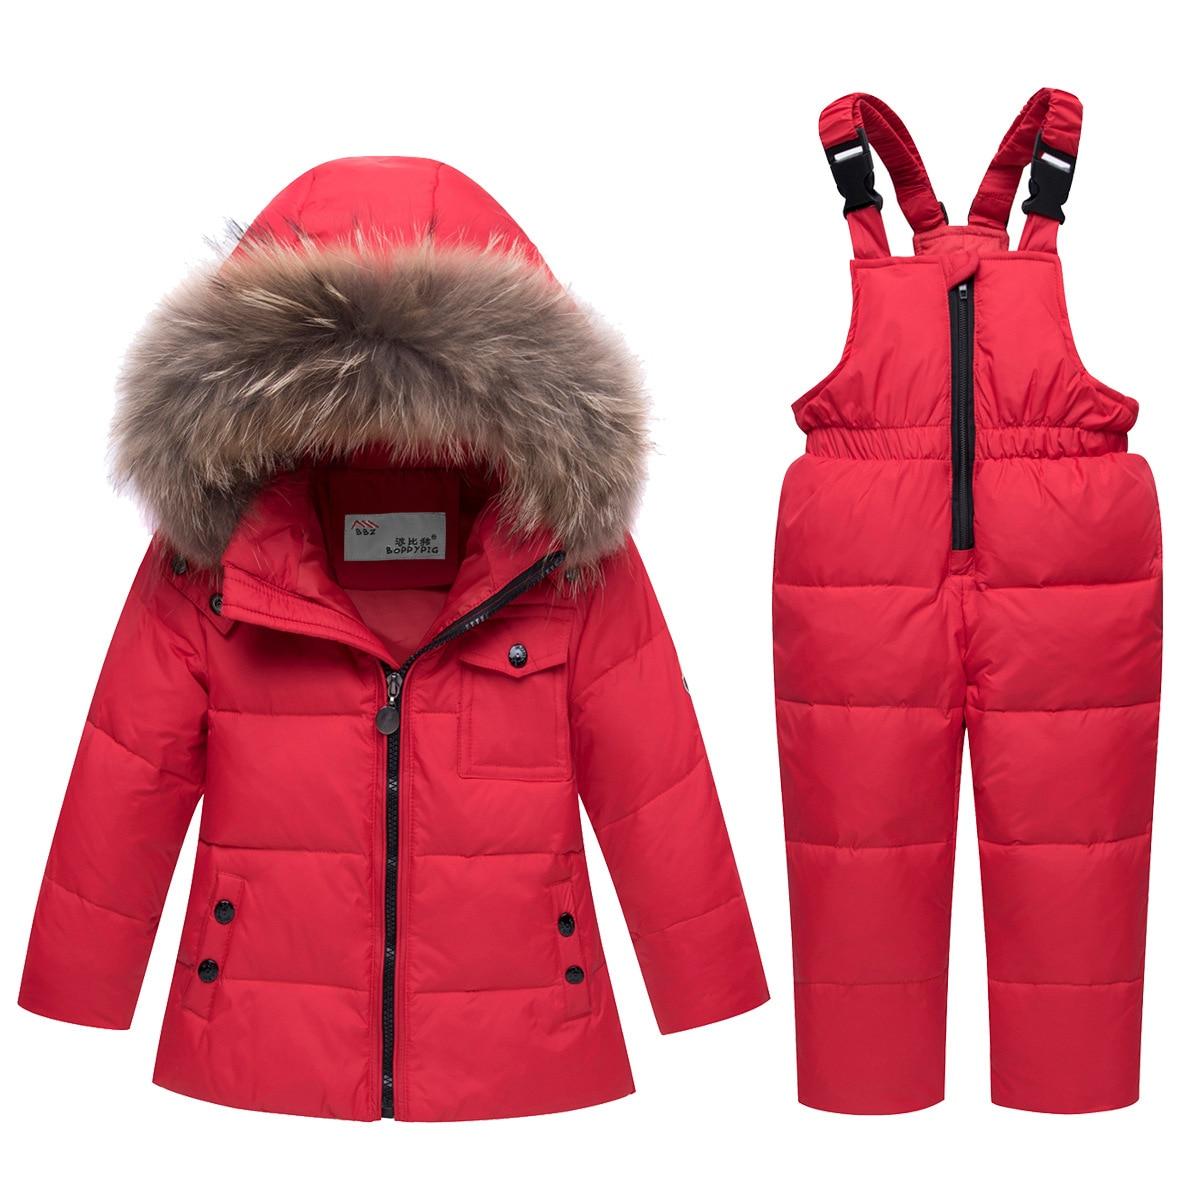 Mädchen Baby Warme Park Mit Kapuze Mantel + Hose Winter Kinder Schneeanzug Jungen Kleidung Set Kinder Unten Jacke Overalls für Infant mantel